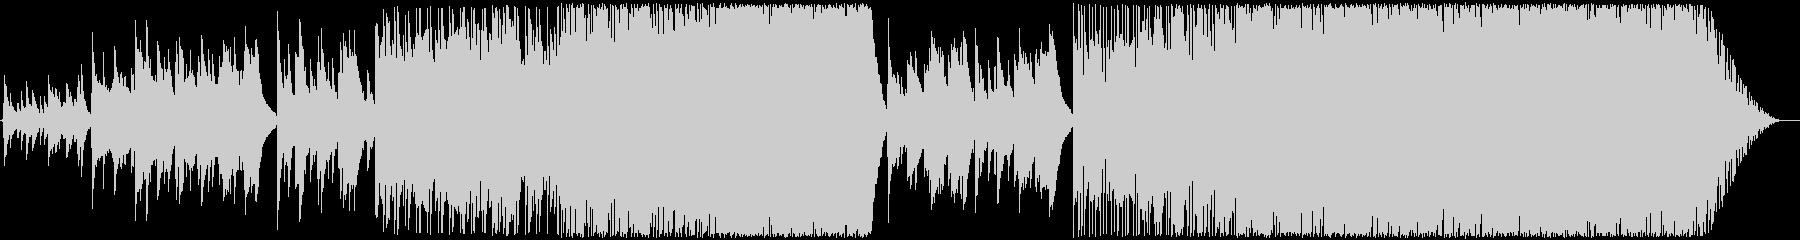 瞑想的なテーマのポップ/ロック楽器...の未再生の波形